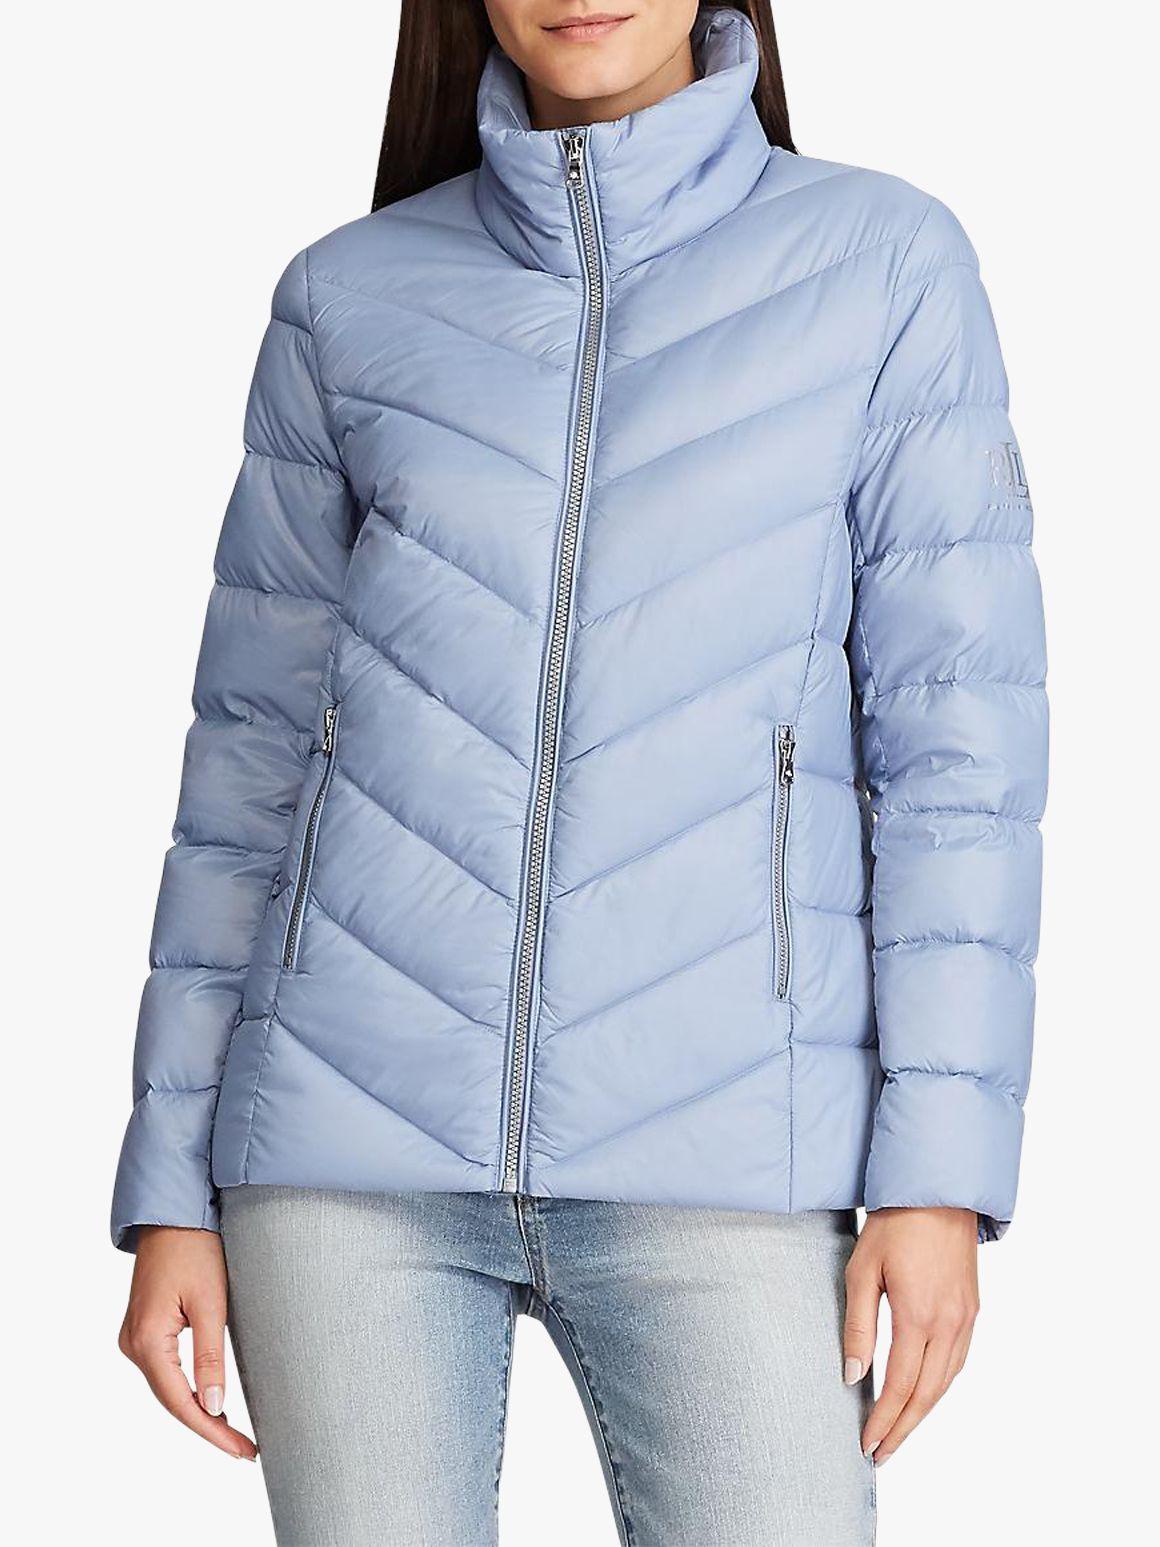 Ralph Lauren Lauren Ralph Lauren Packable Down Quilted Jacket